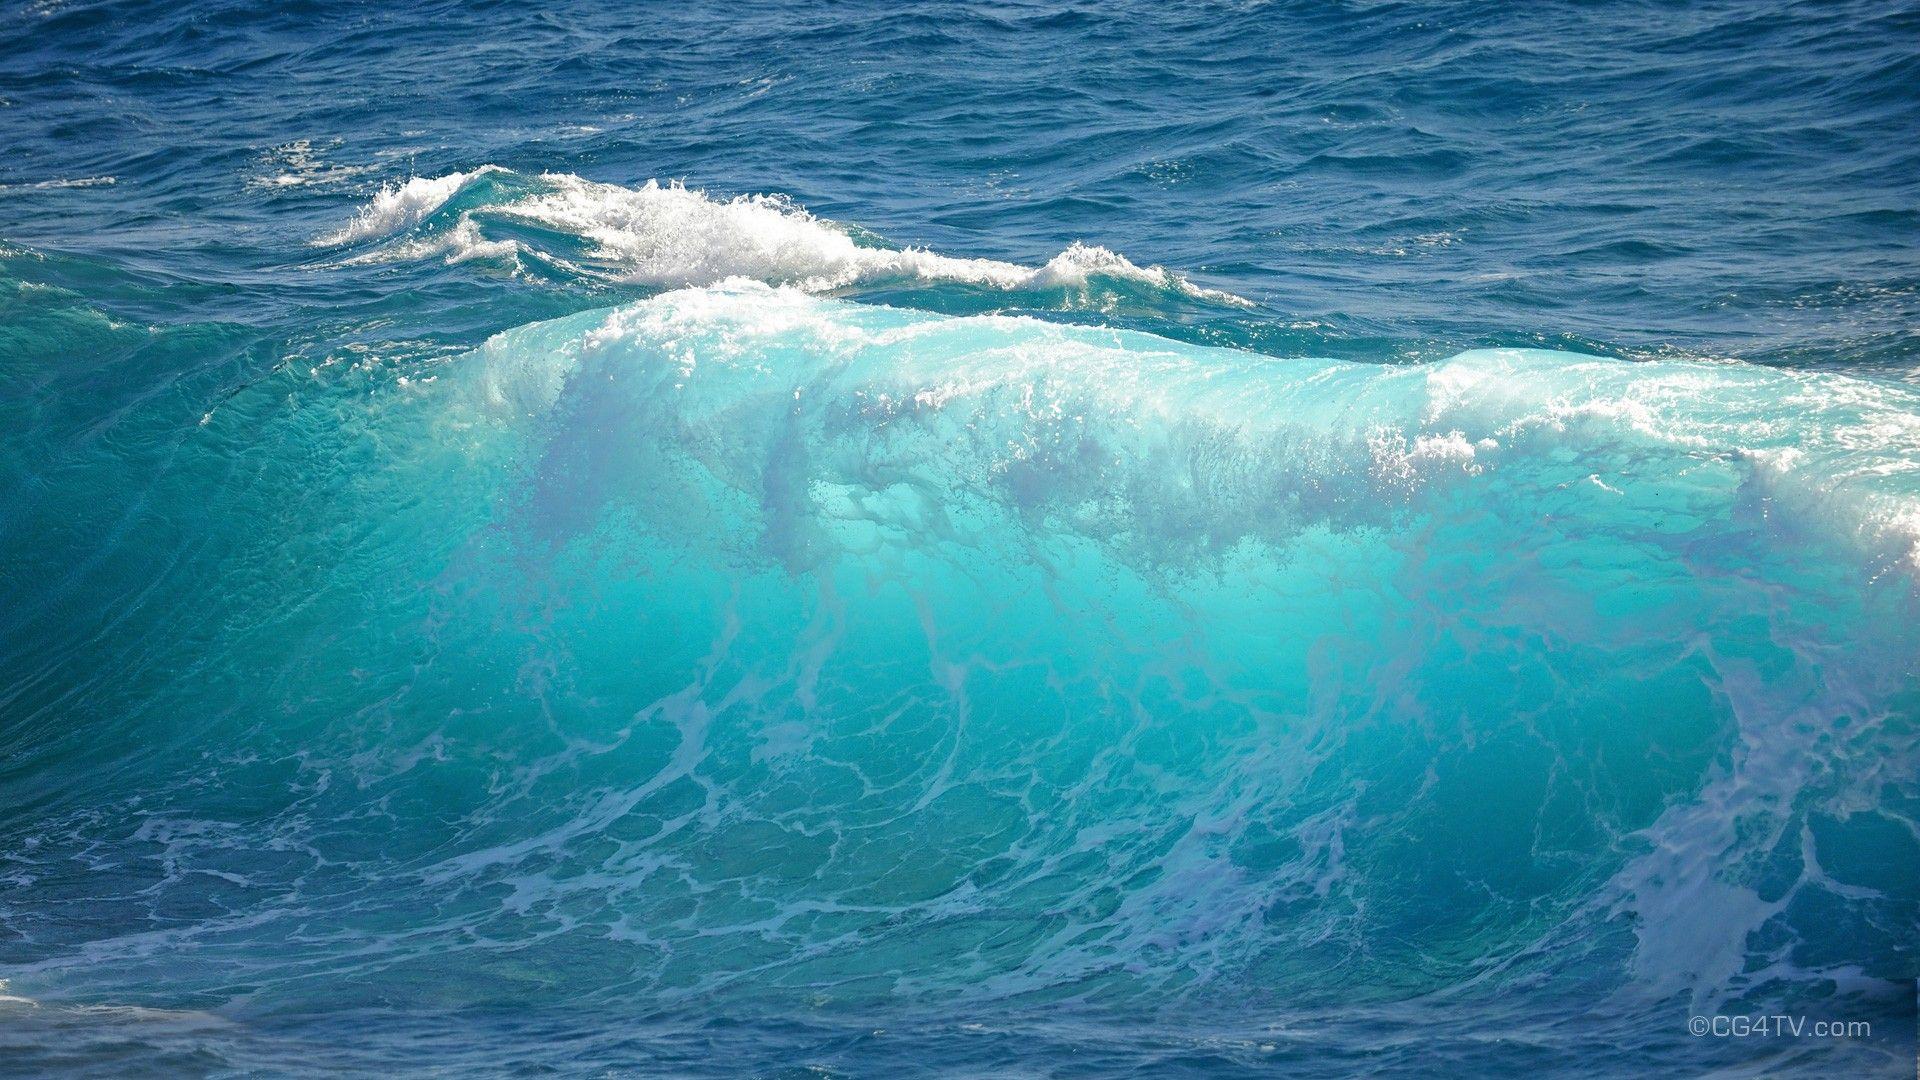 turquoise ocean | Desktop, wallpaper, photo, background, wave, stock ...